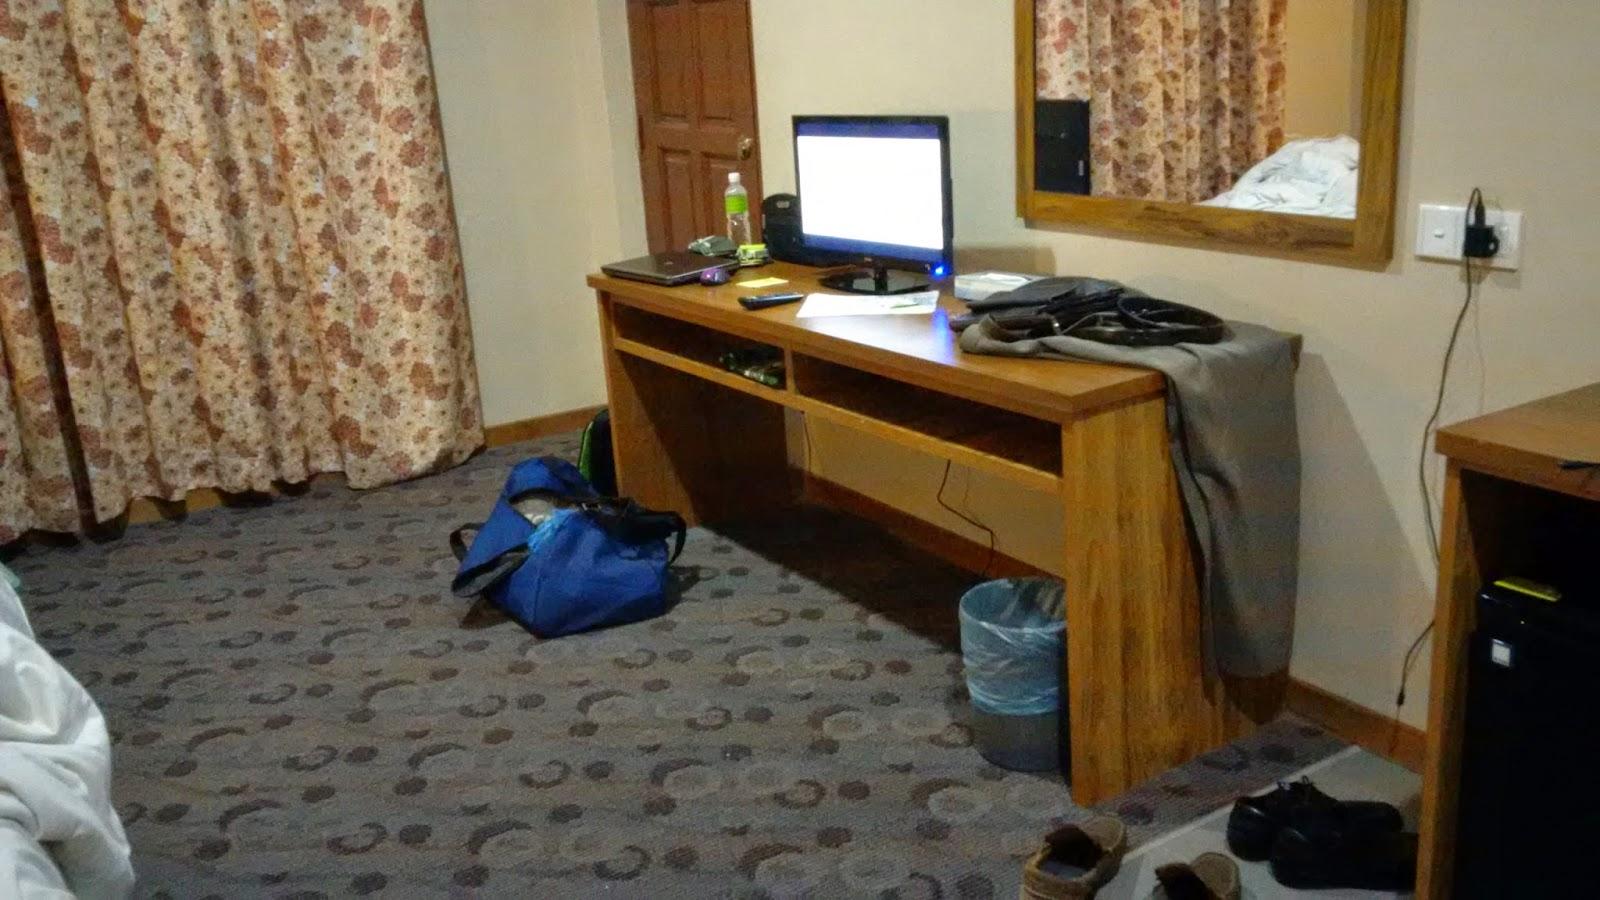 langkawi hotel, kuah city hotel, de baron hotel, baron hotel, pekan rabu hotel, hotel swimming pool langkawi, Langkawi Eagle Square, dataran lang, hotels,